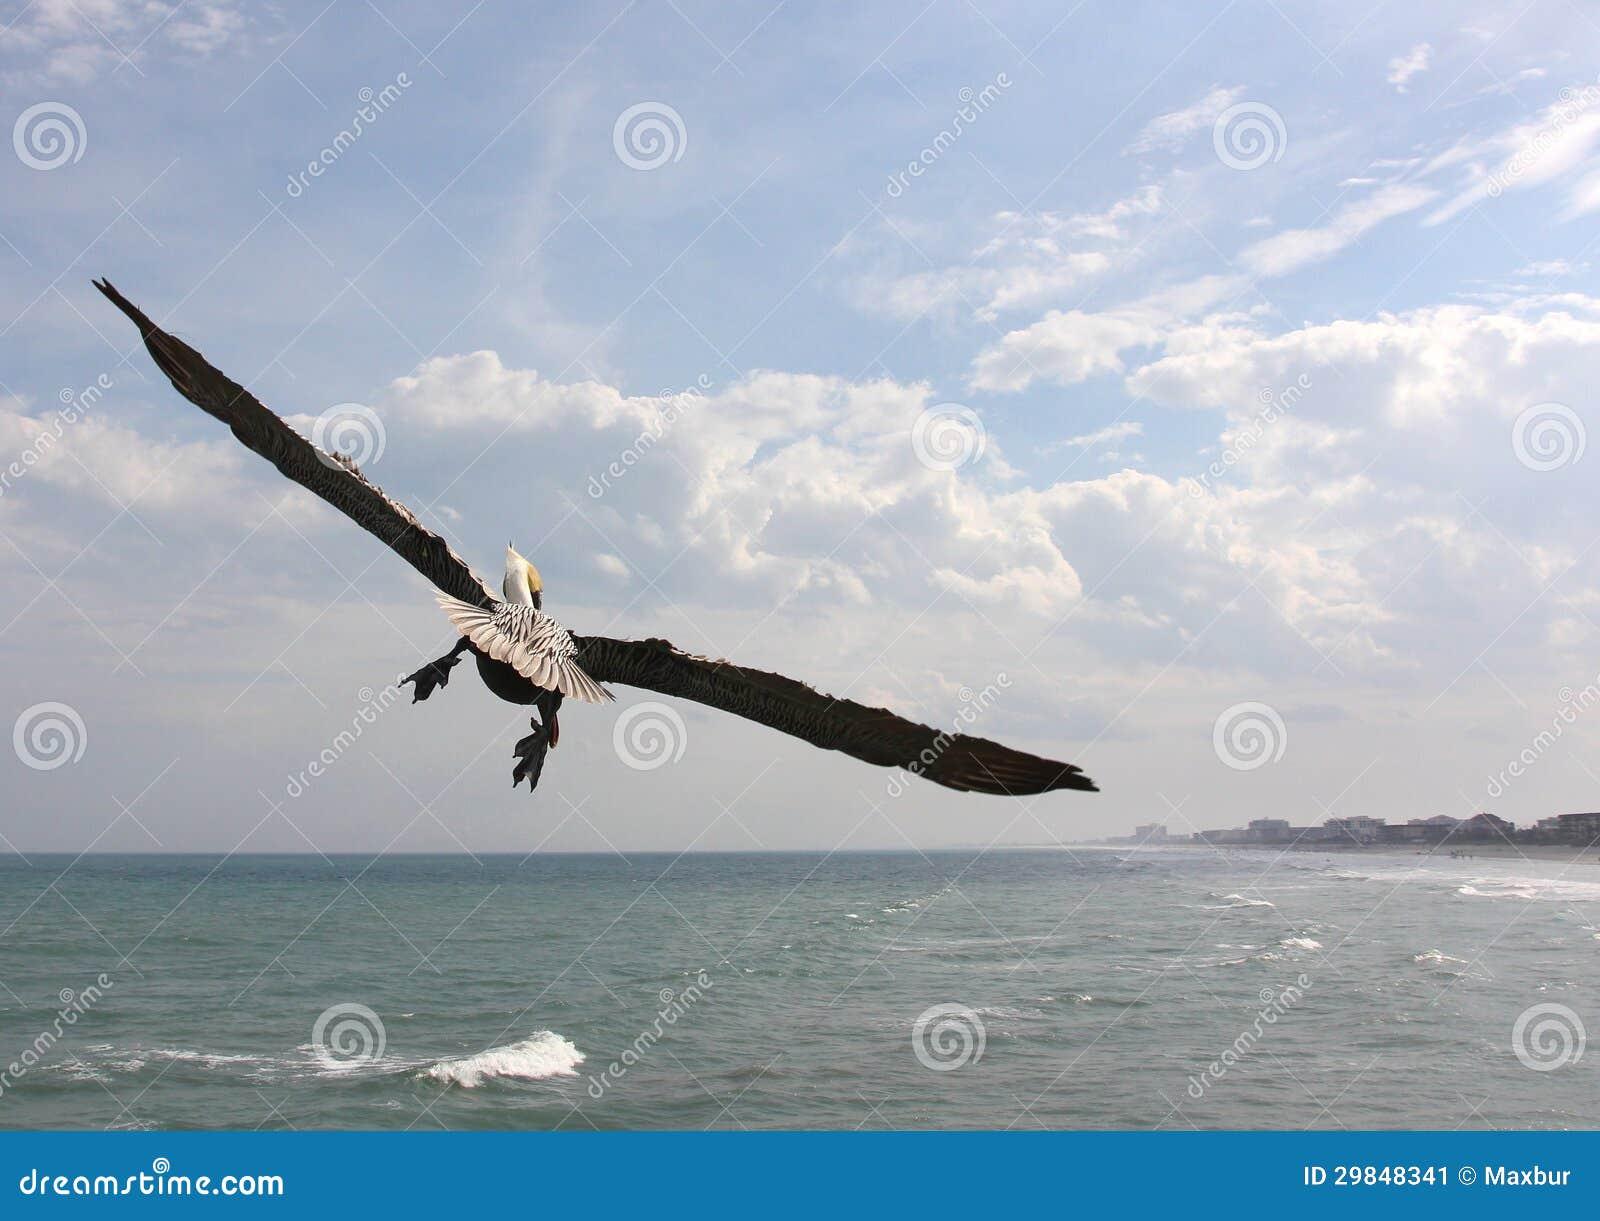 Pelicano em vôo